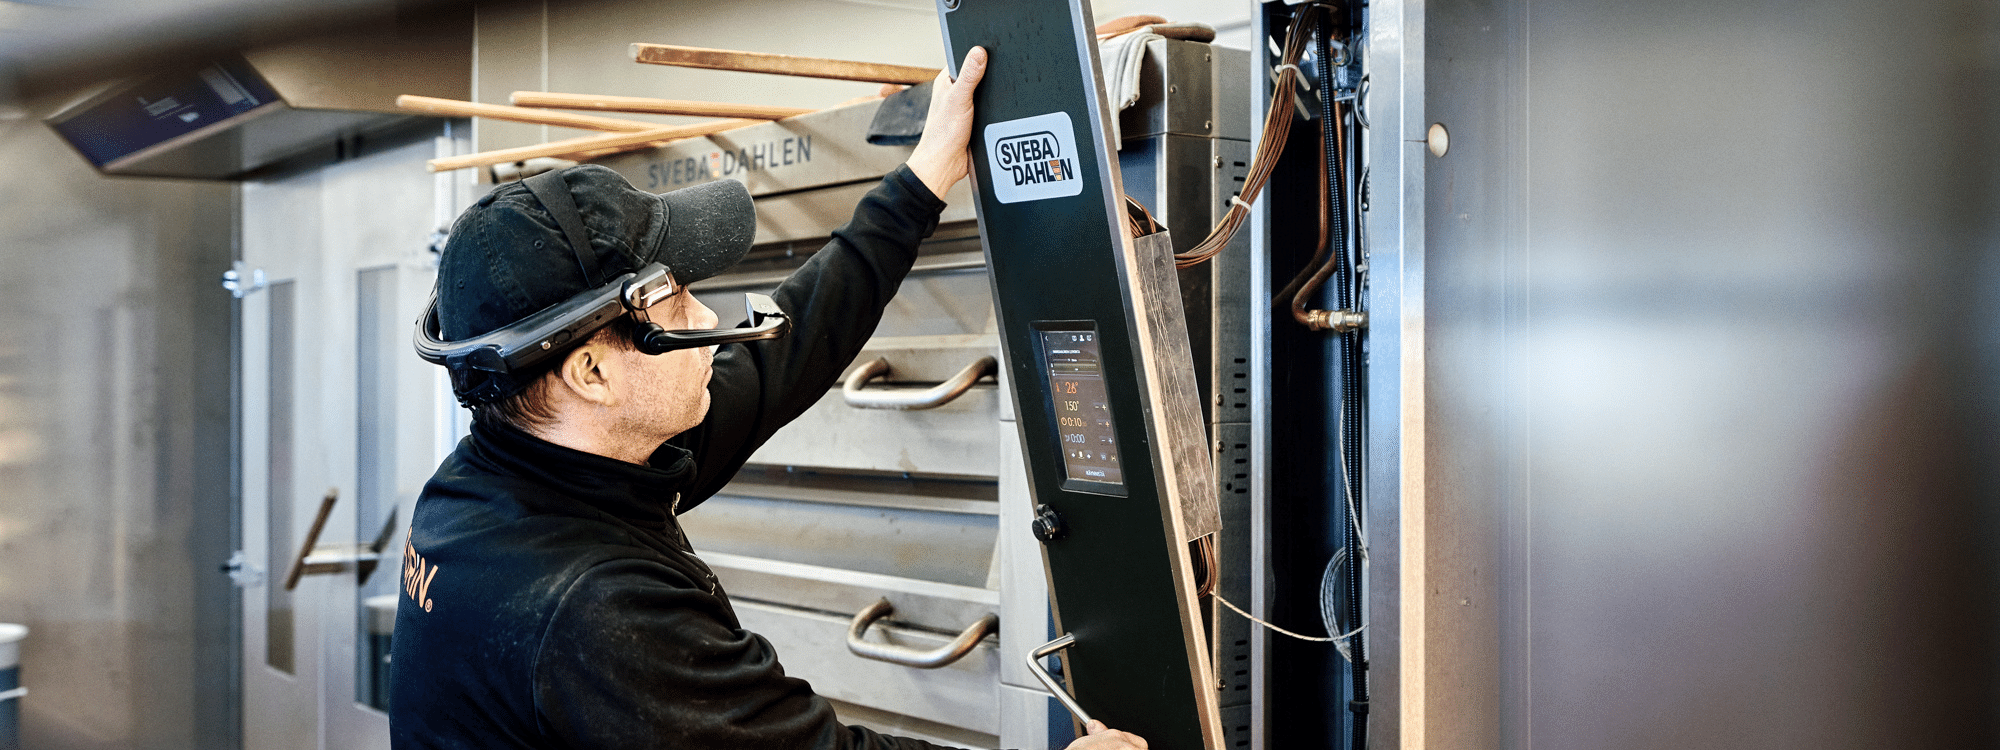 esimerkiksi huoltotyö onnistuu helpommin puettavan teknologian avustuksella Kuva Mikko Törmänen Keksi Agency